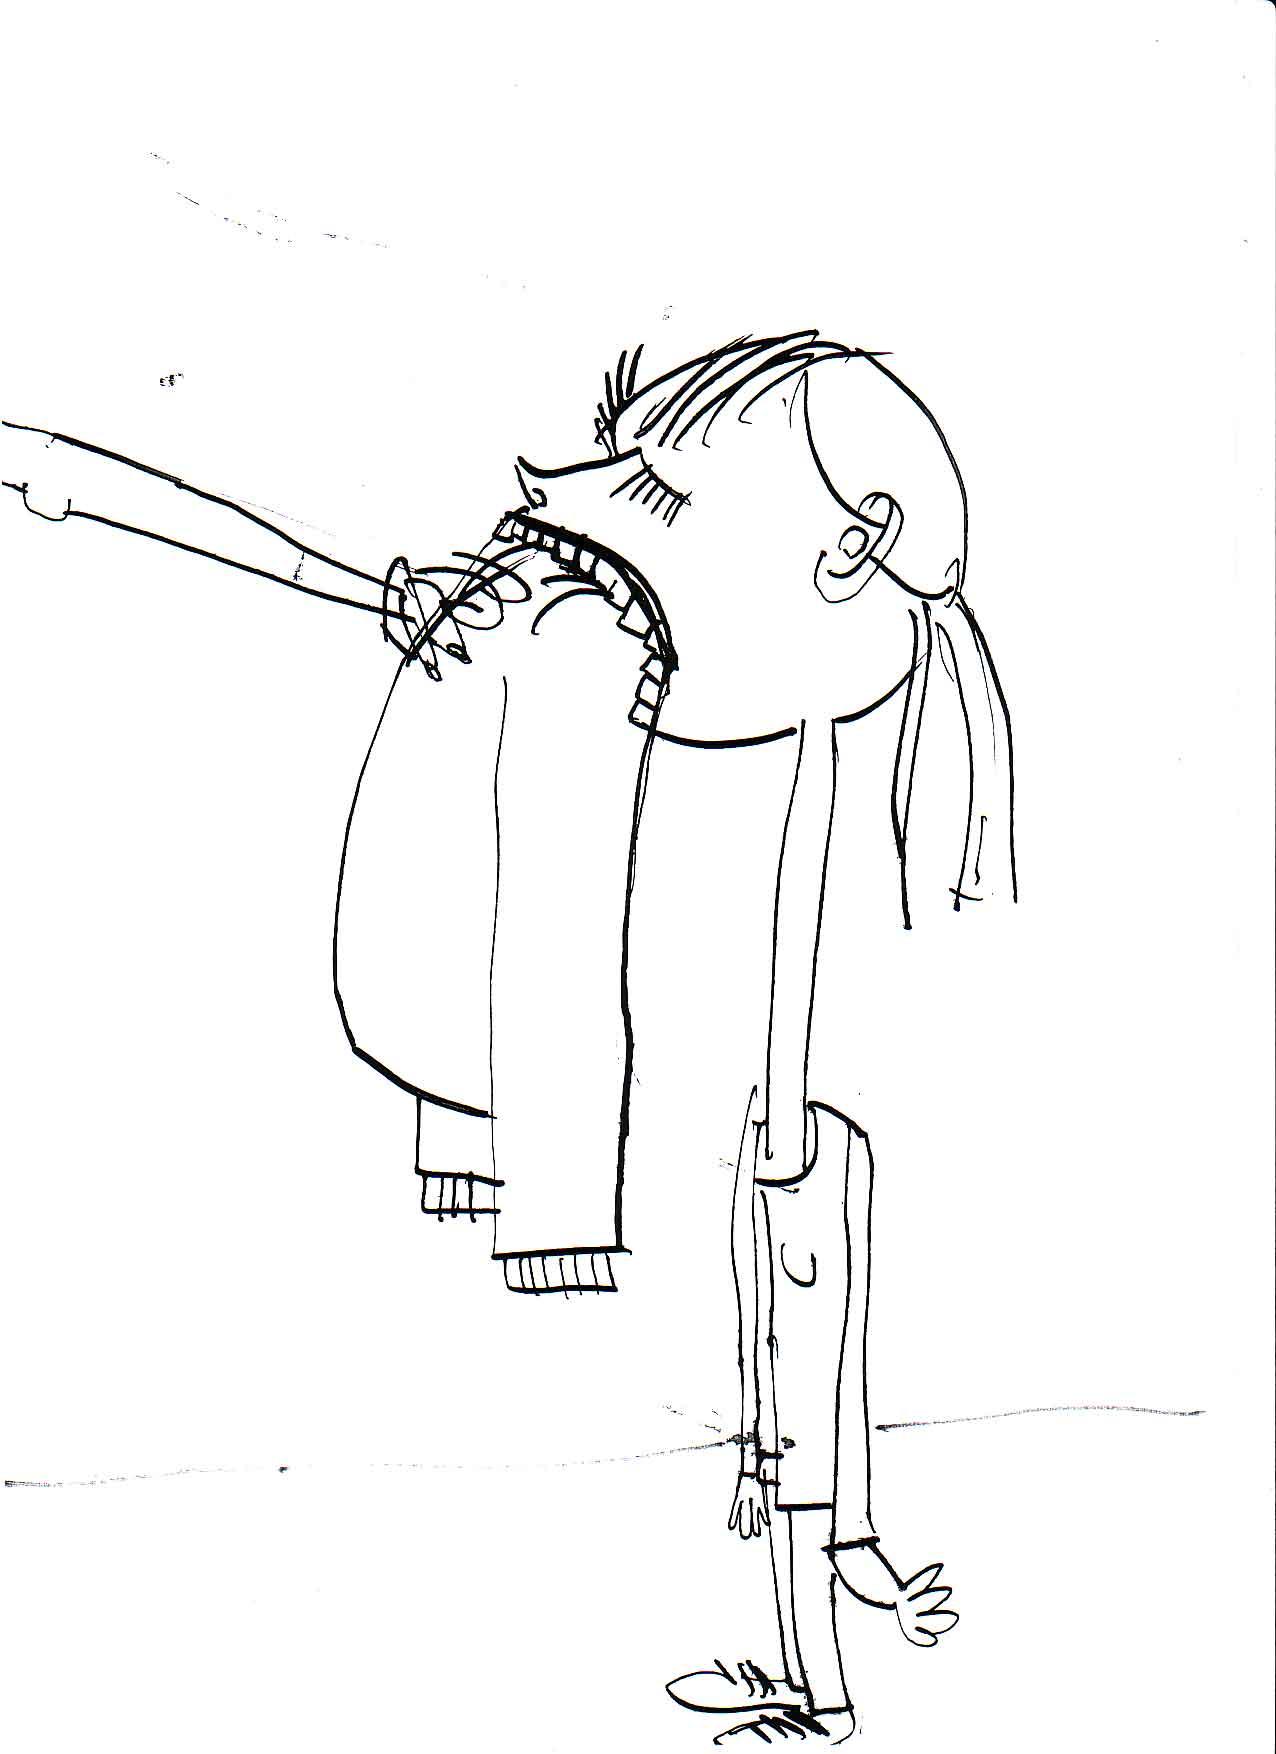 """""""Pullover in die Fresse"""", Illustration, Tusche auf Papier, DIN A 4, Skizze für """"Die schwarze Mamba"""" von Andreas Jungwirth, Lange Nacht der Autoren 2006, Thalia Theater Hamburg"""